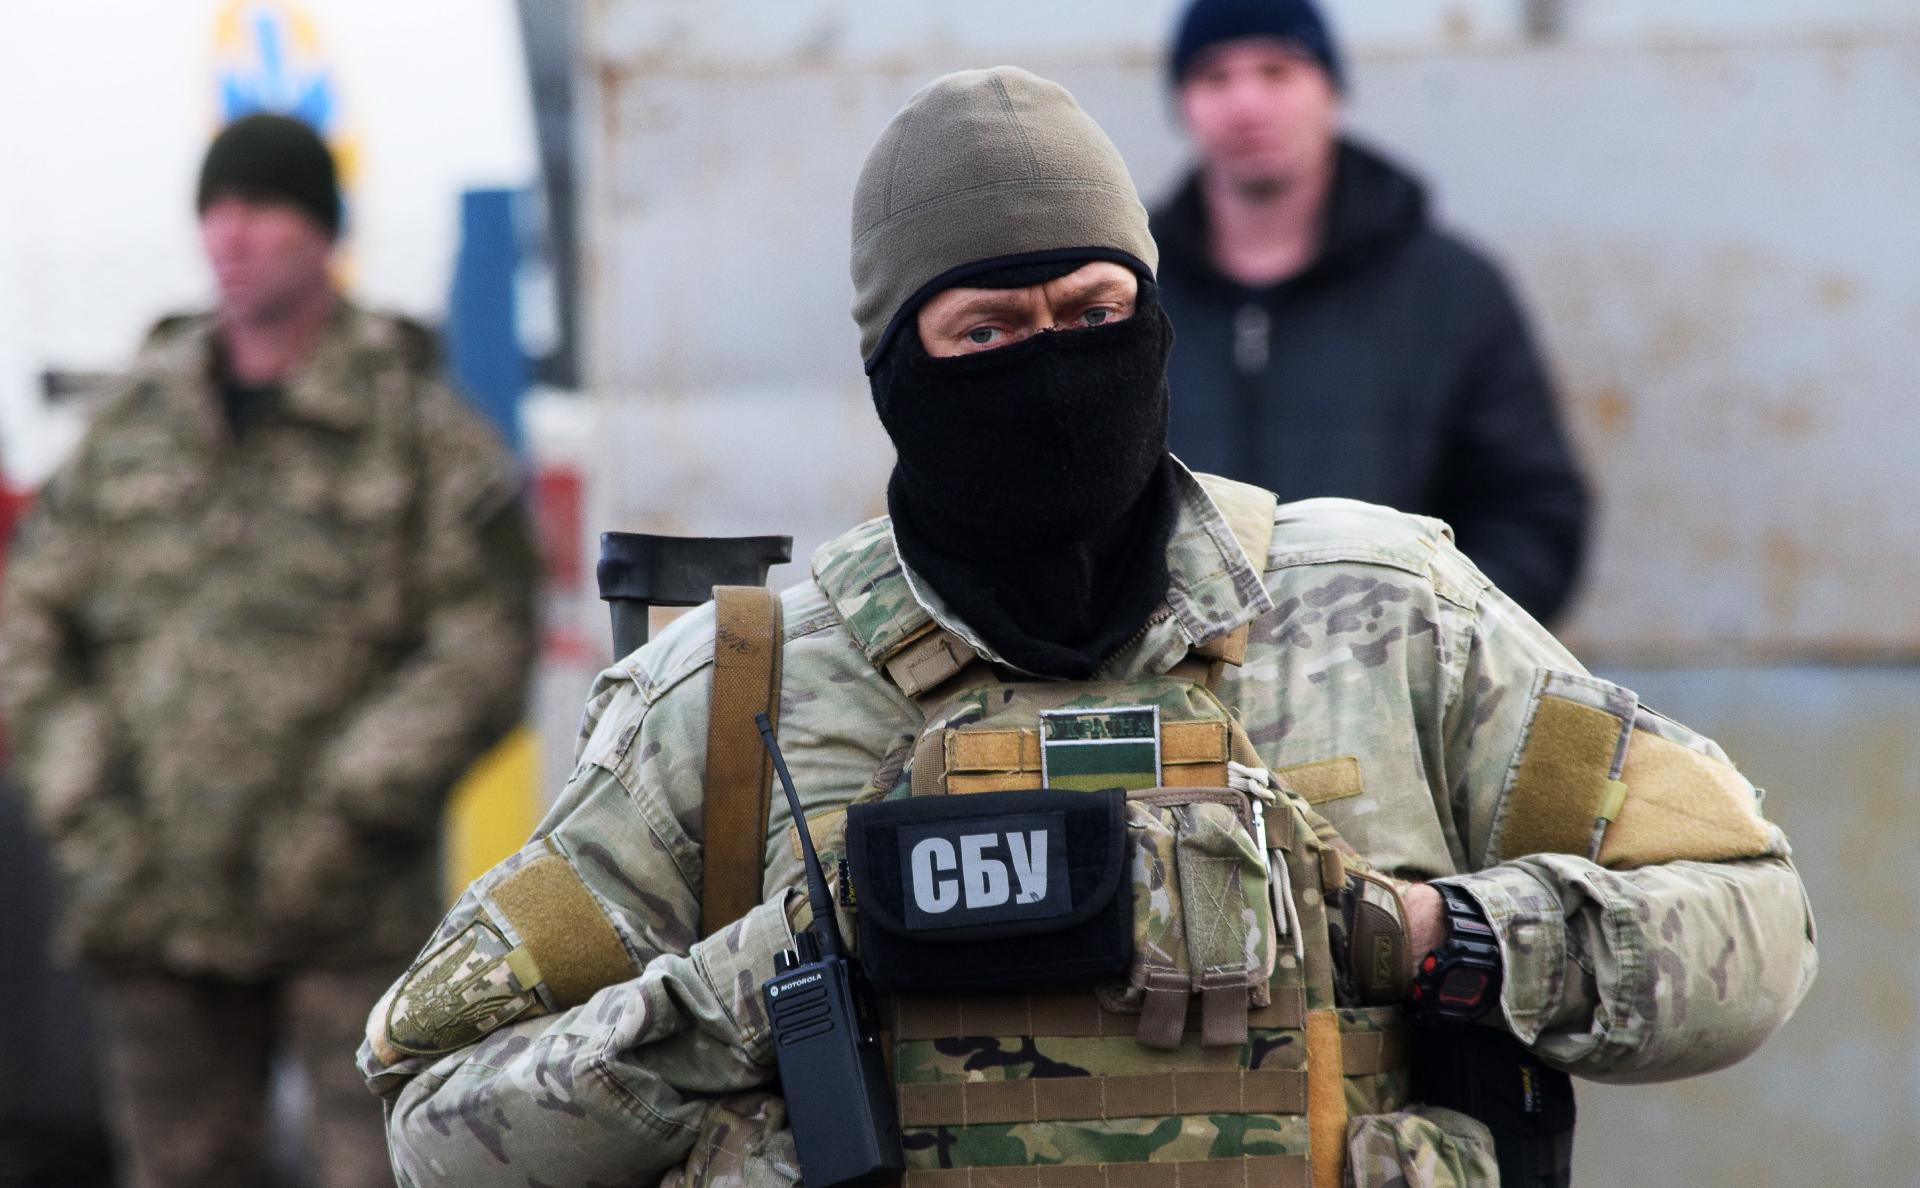 Спецслужби РФ намагалися завербувати двох мешканців Луганщини